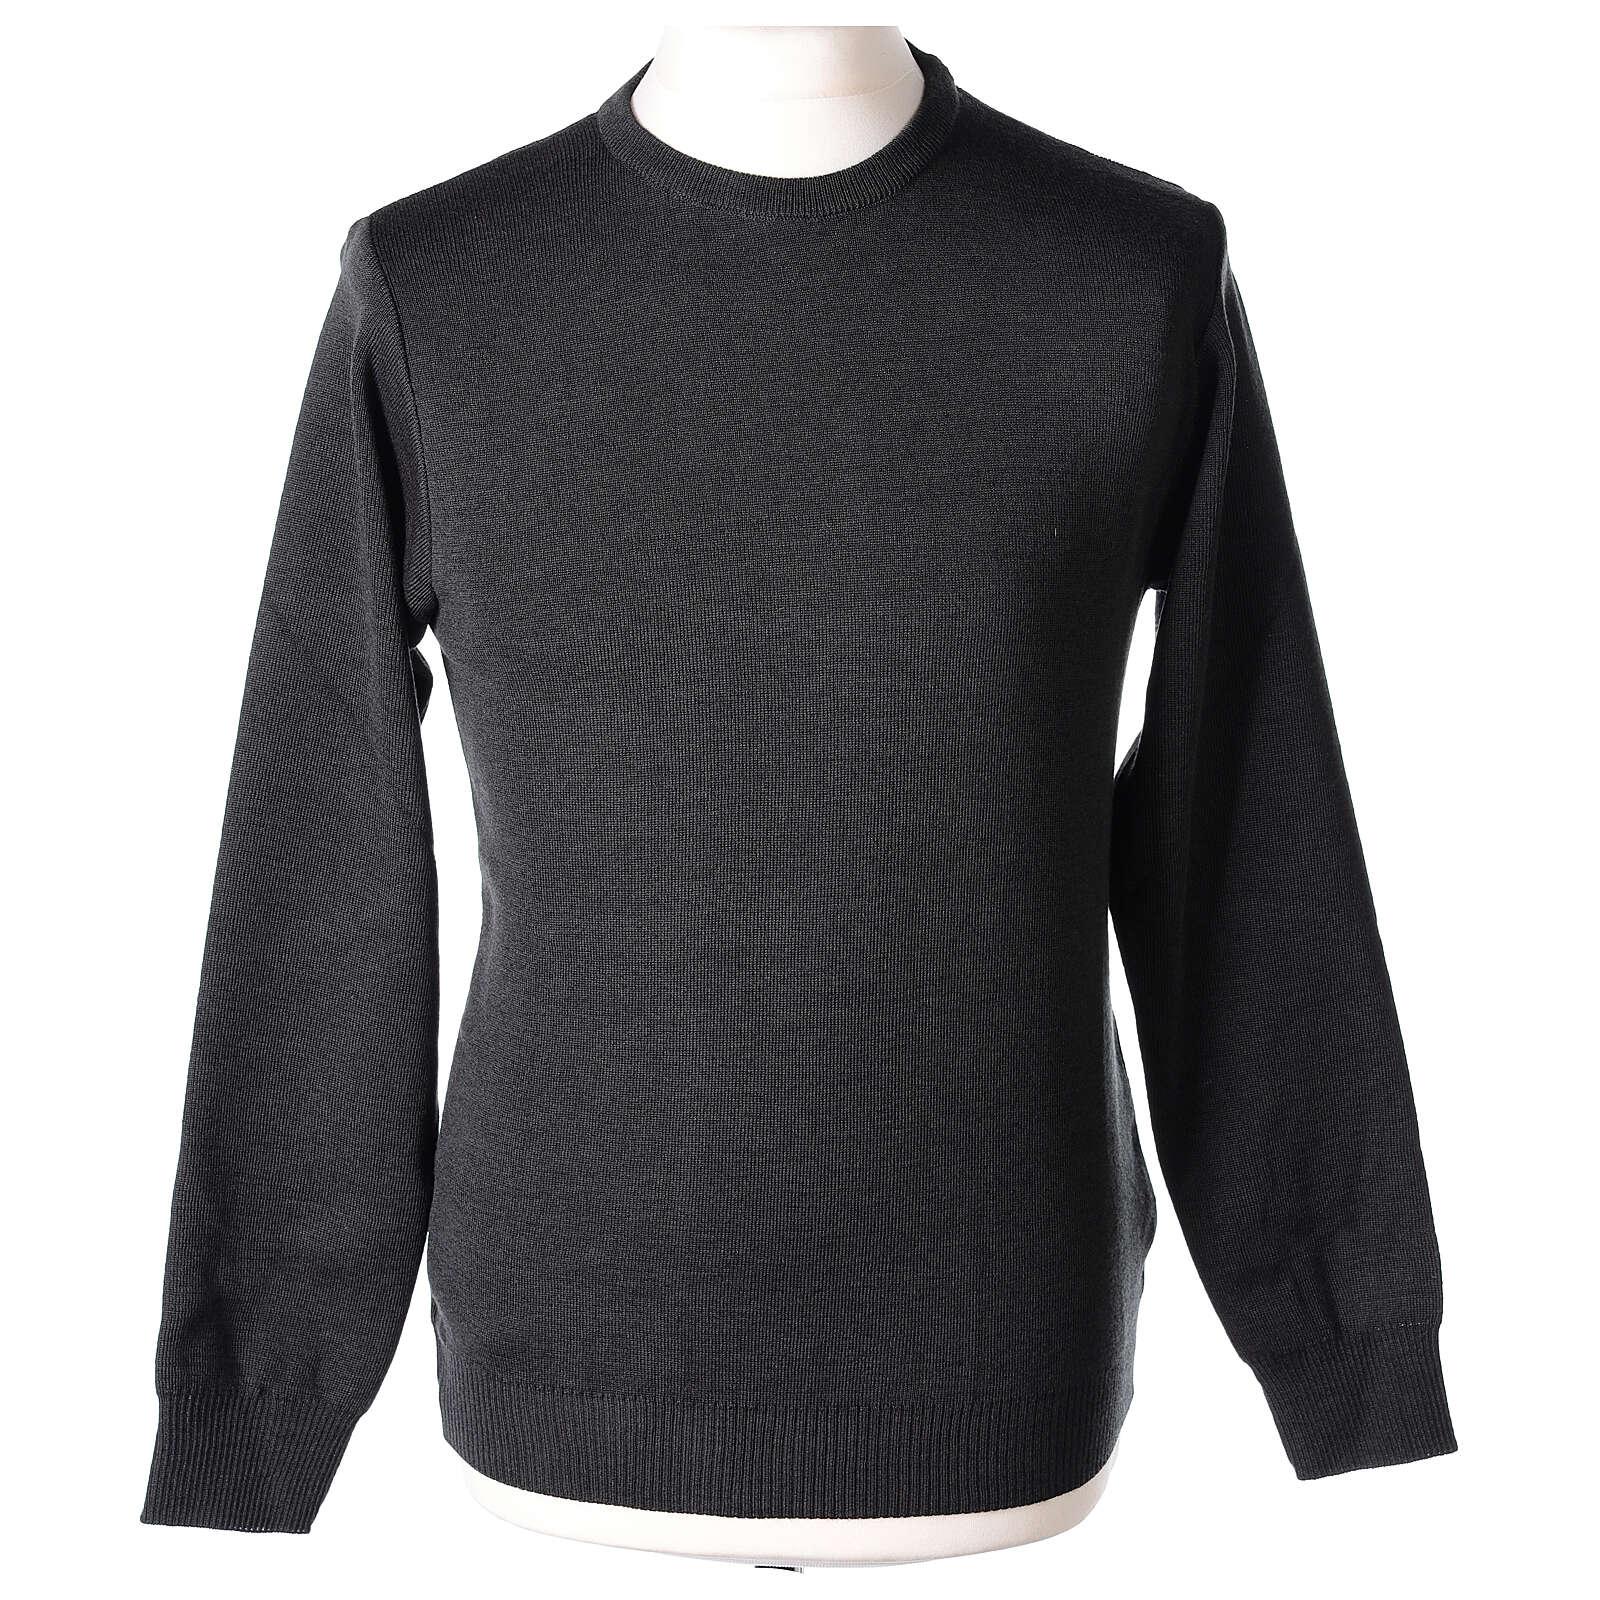 Jersey sacerdote cuello redondo antracita punto unido 50% lana merina 50% acrílico In Primis 4